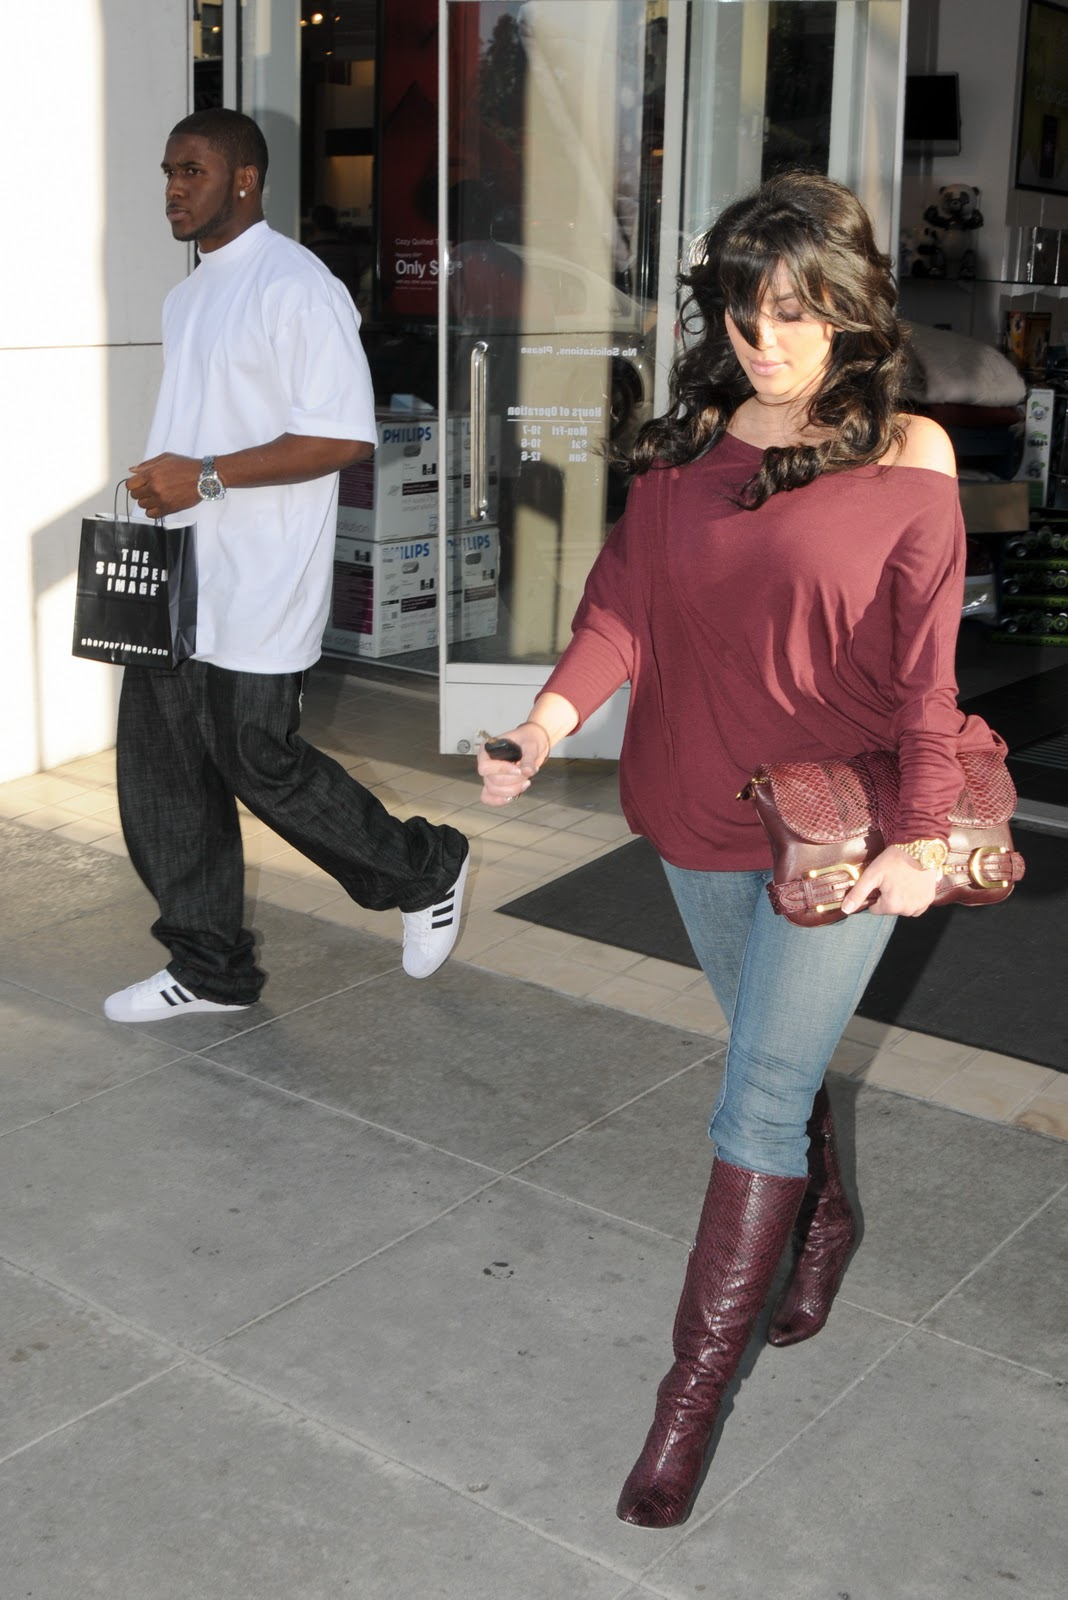 http://2.bp.blogspot.com/_LRzFEyAOGAA/TQnLYN8nYFI/AAAAAAAAD0s/aZaEtySGrDI/s1600/59923_celeb-city_eu_Kim_Kardashian_shopping_in_Beverly_Hills_07_123_1048lo.jpg